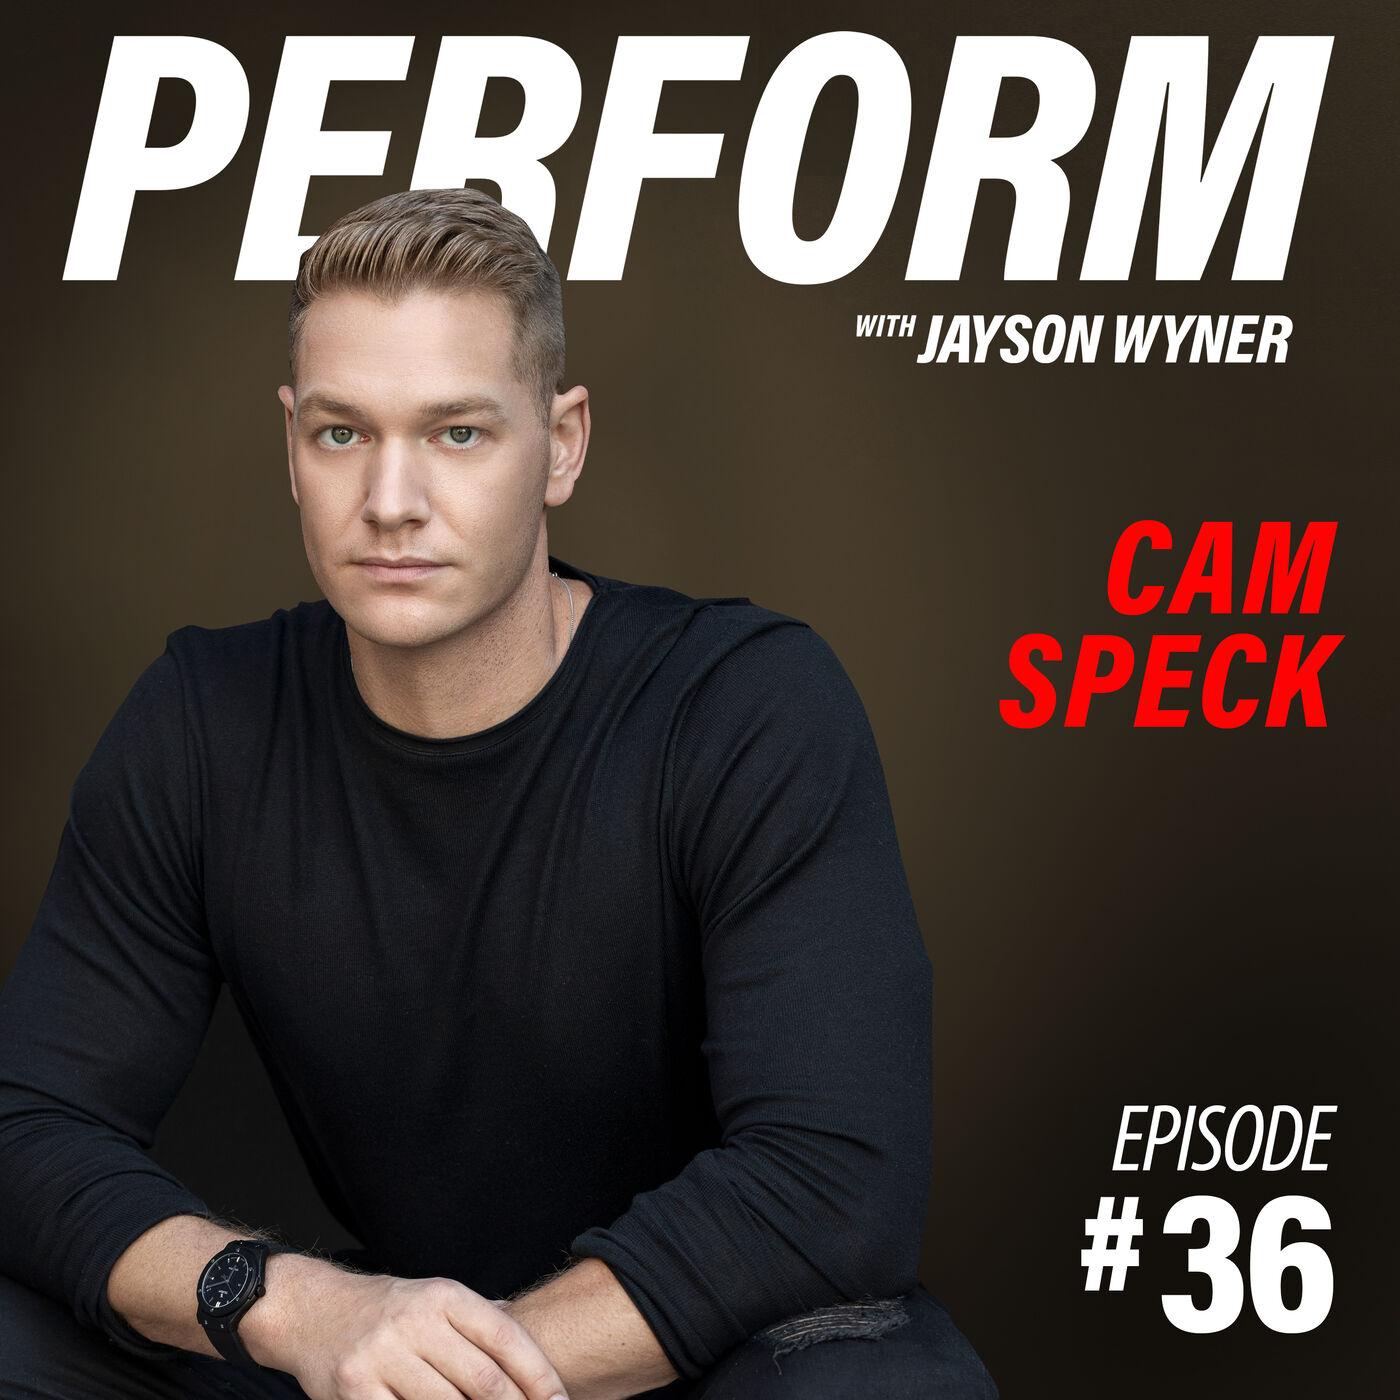 PERFORM Podcast E036 - Cam Speck